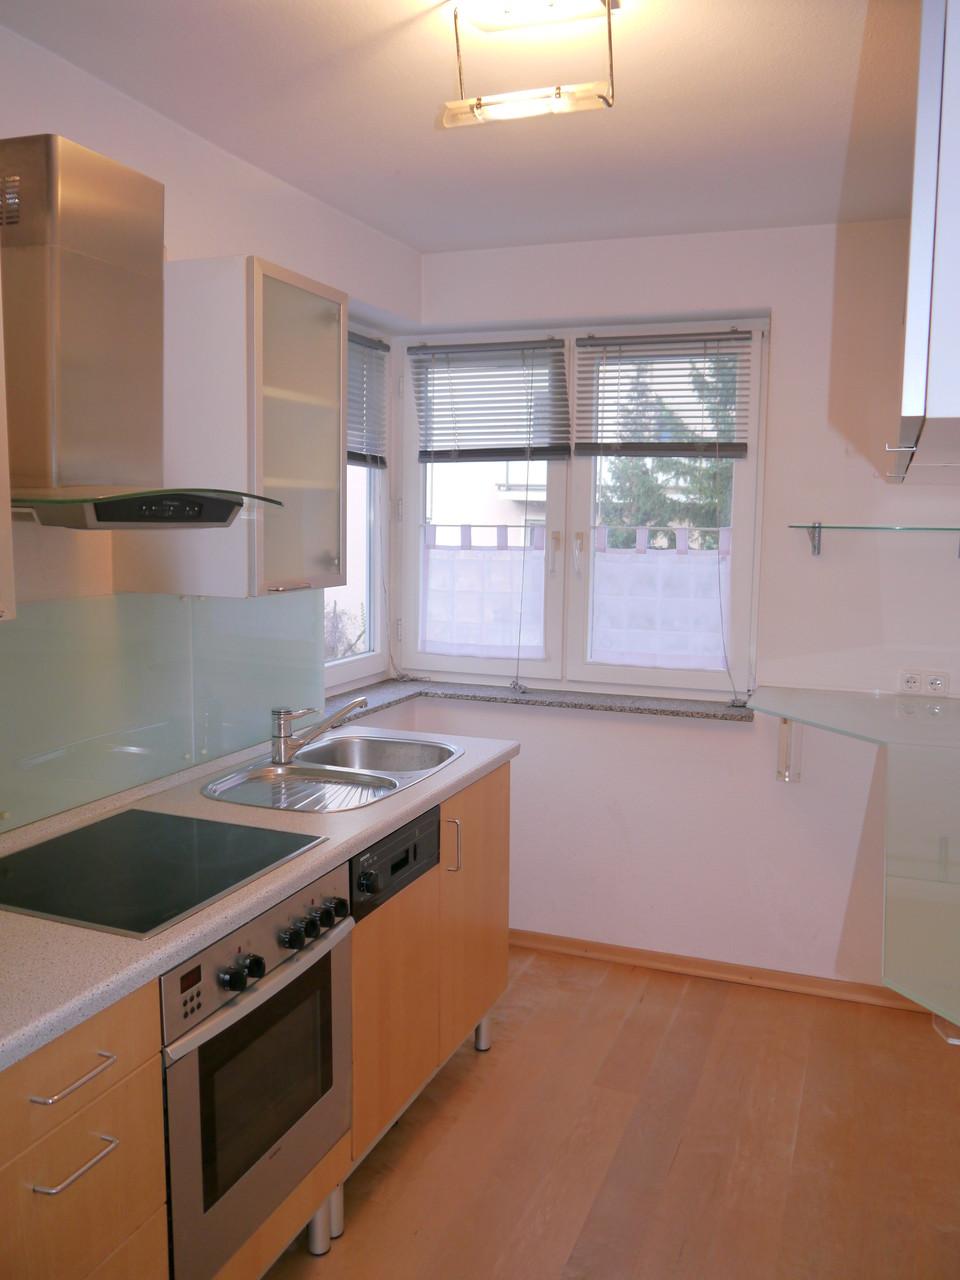 zu vermieten 2 zimmer wohnung im wohnpark st lorenz cg immobilien l beck. Black Bedroom Furniture Sets. Home Design Ideas